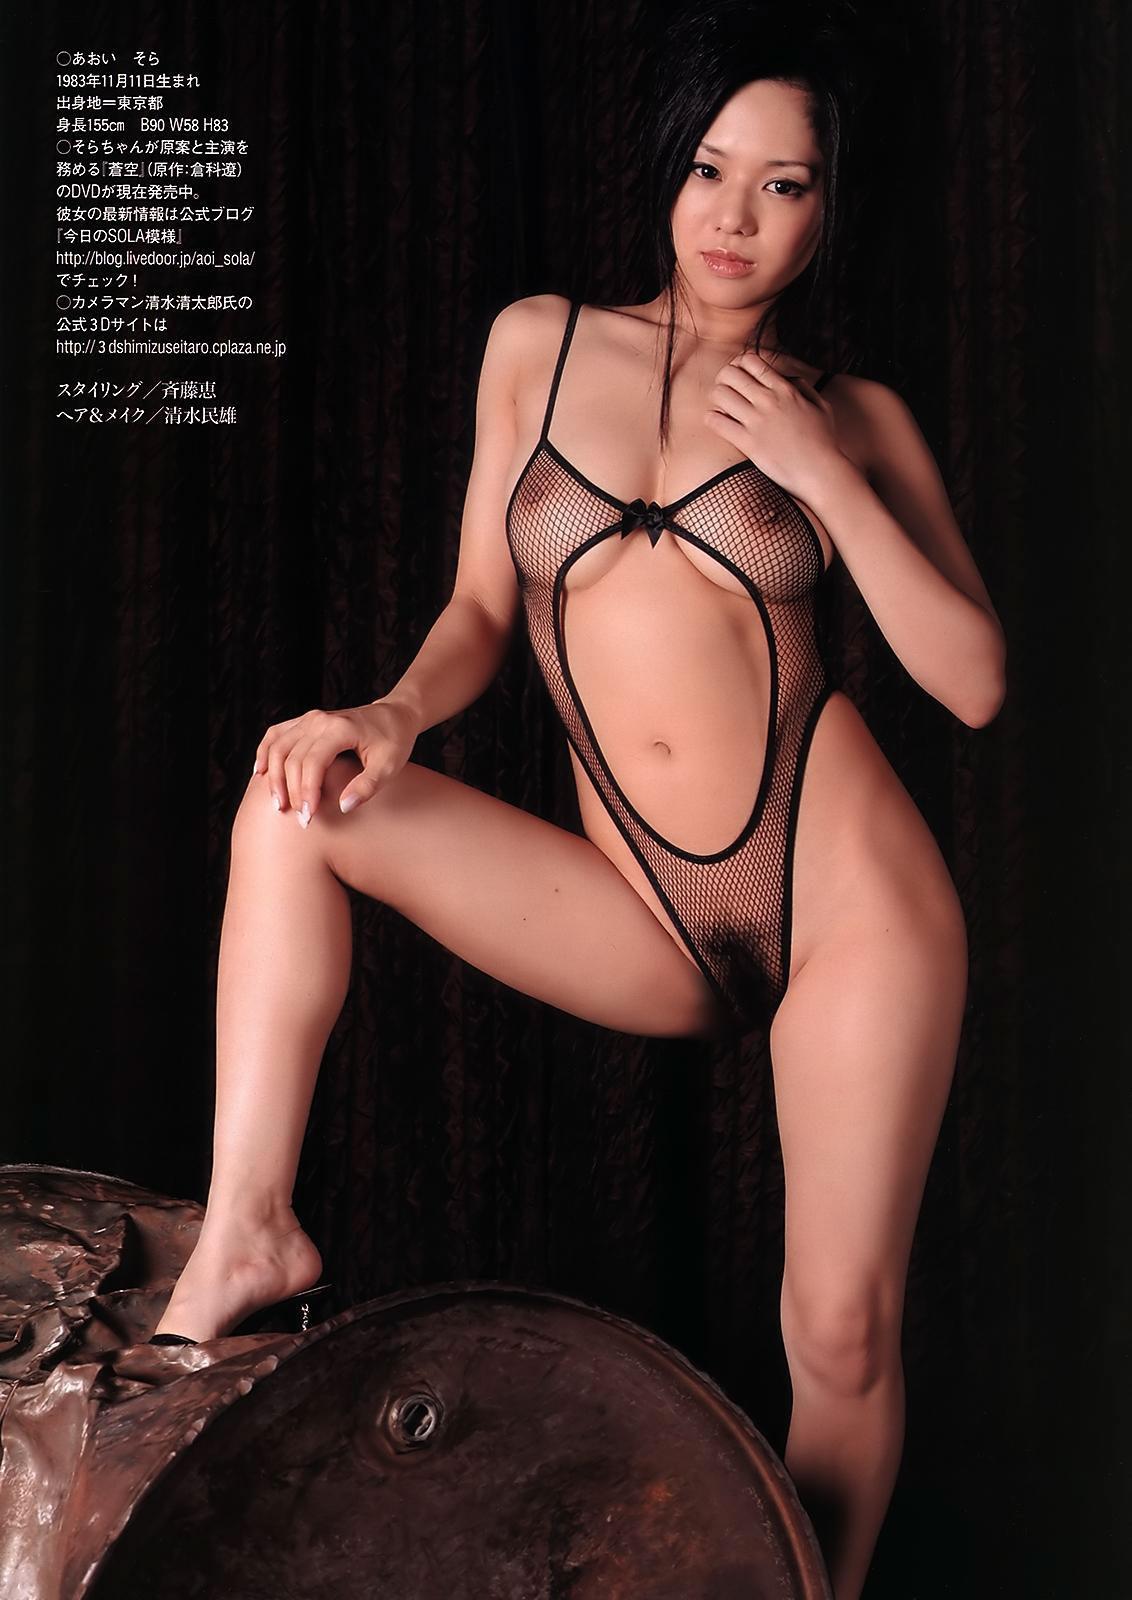 Сора аой японская порно актриса